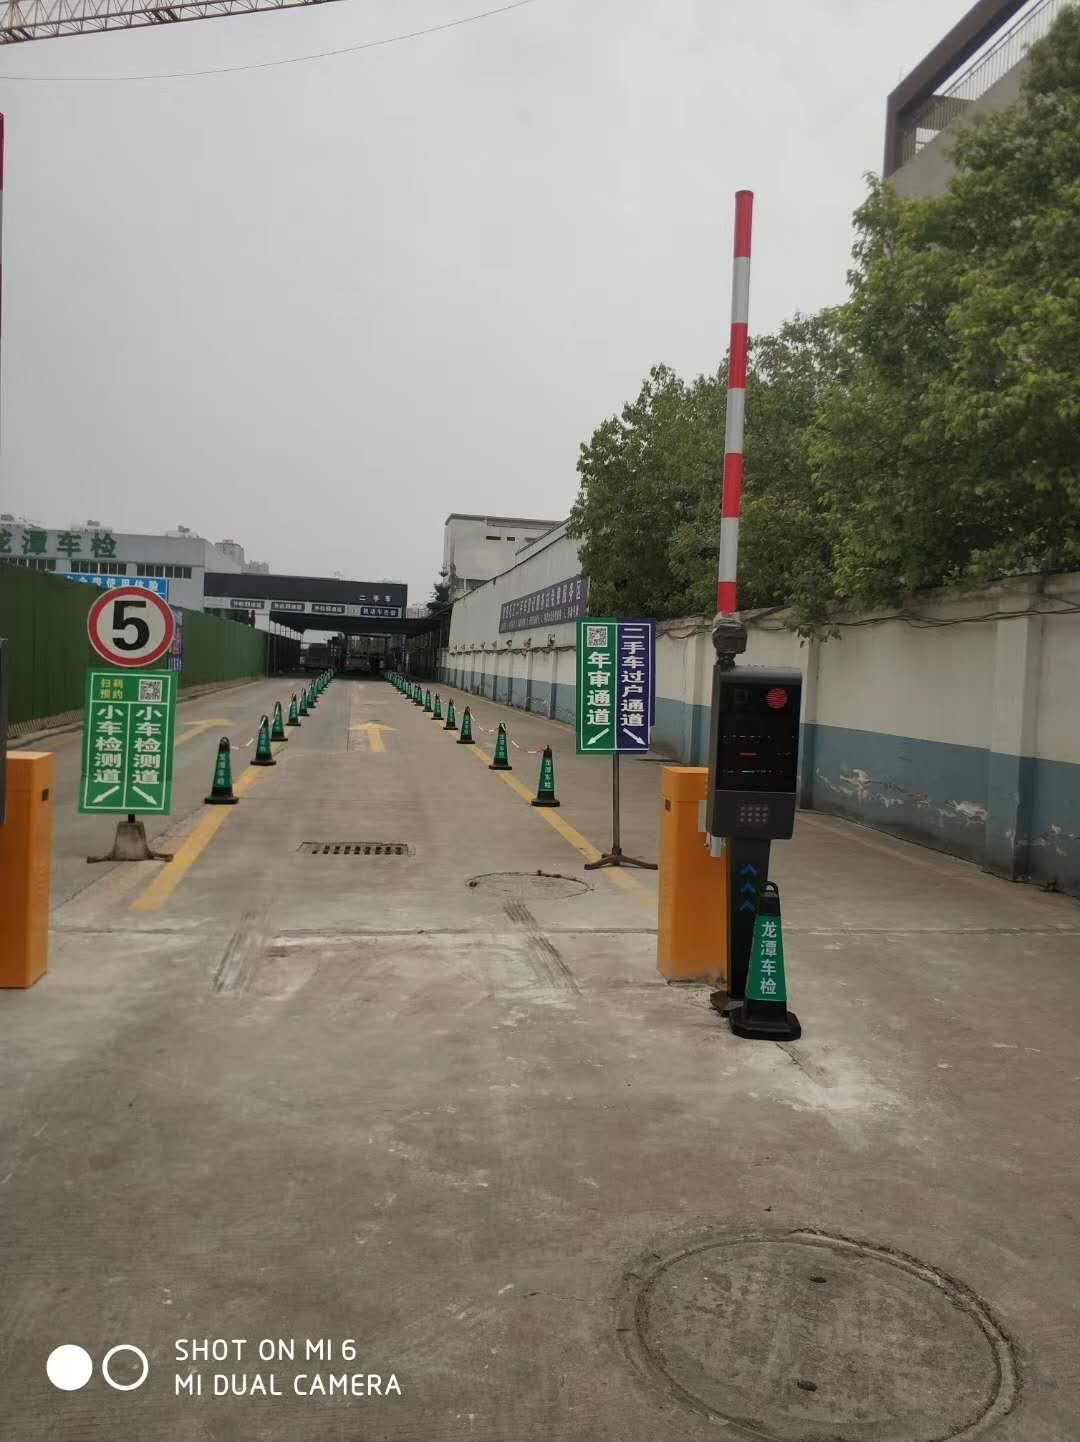 成都xxx汽车检测站预约系统(道闸)